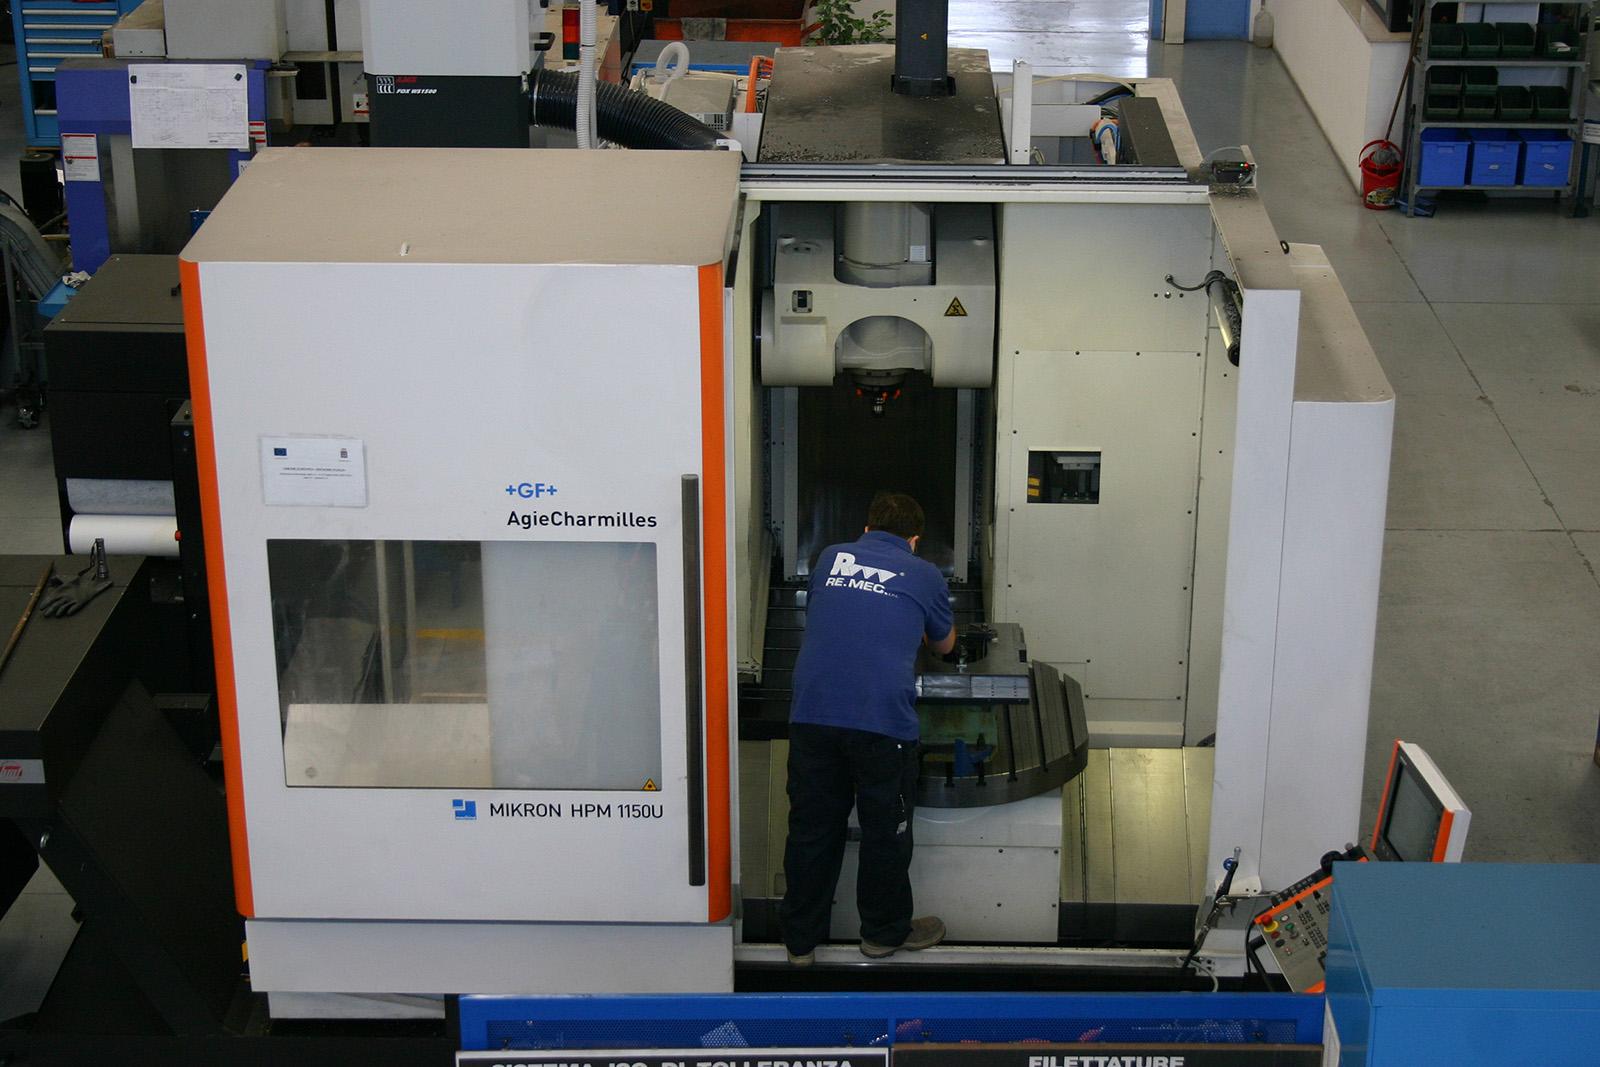 Mikron HPM 1150U Mandrino HSK63 - Remec